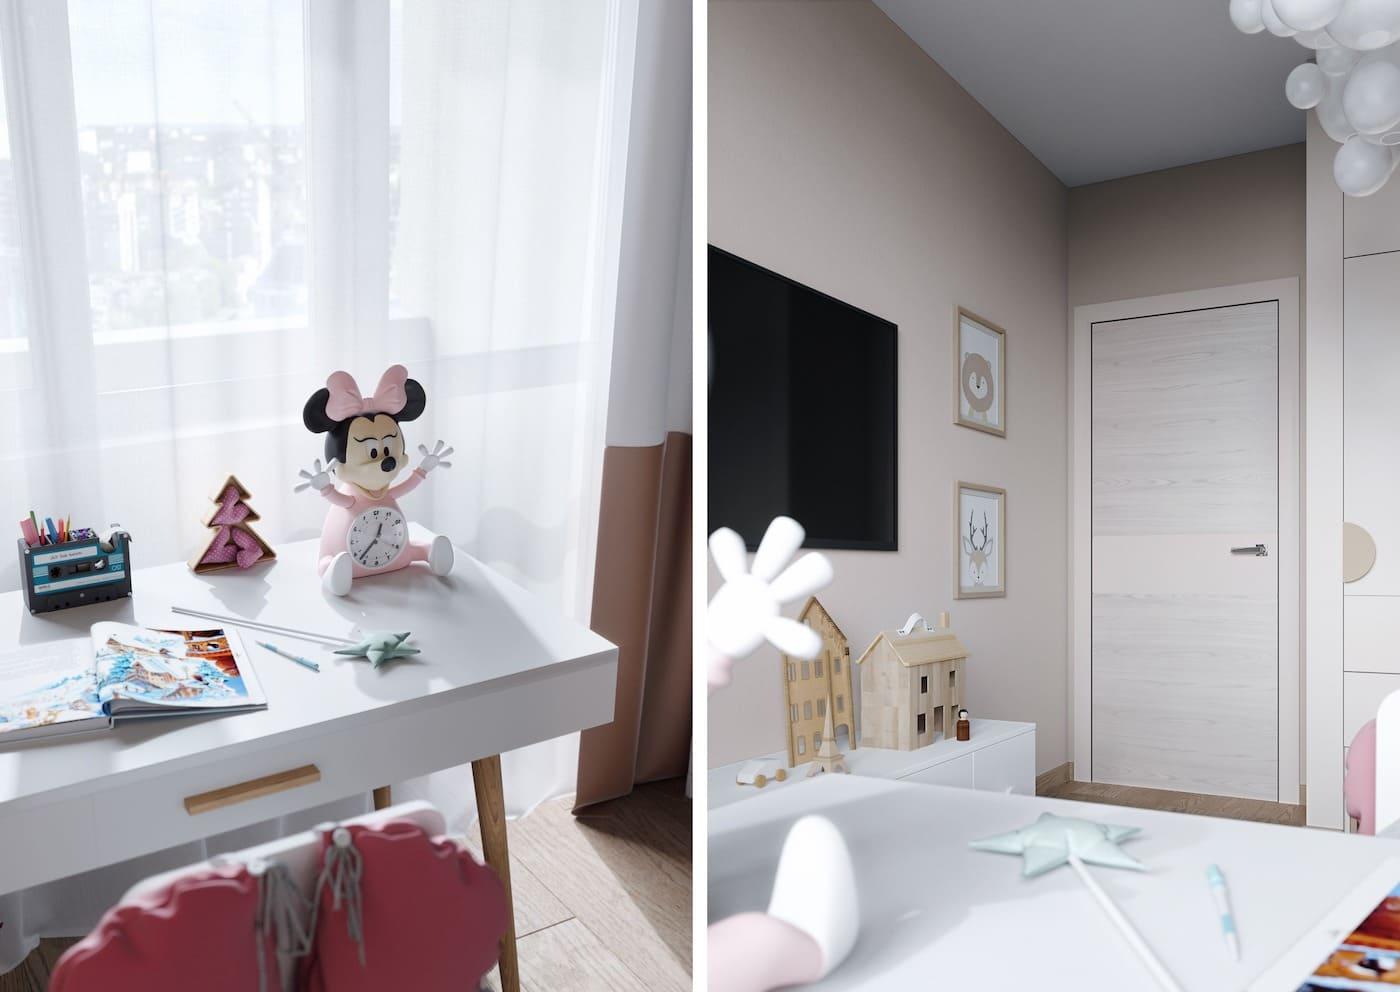 Conception d'une chambre d'enfant photo 94